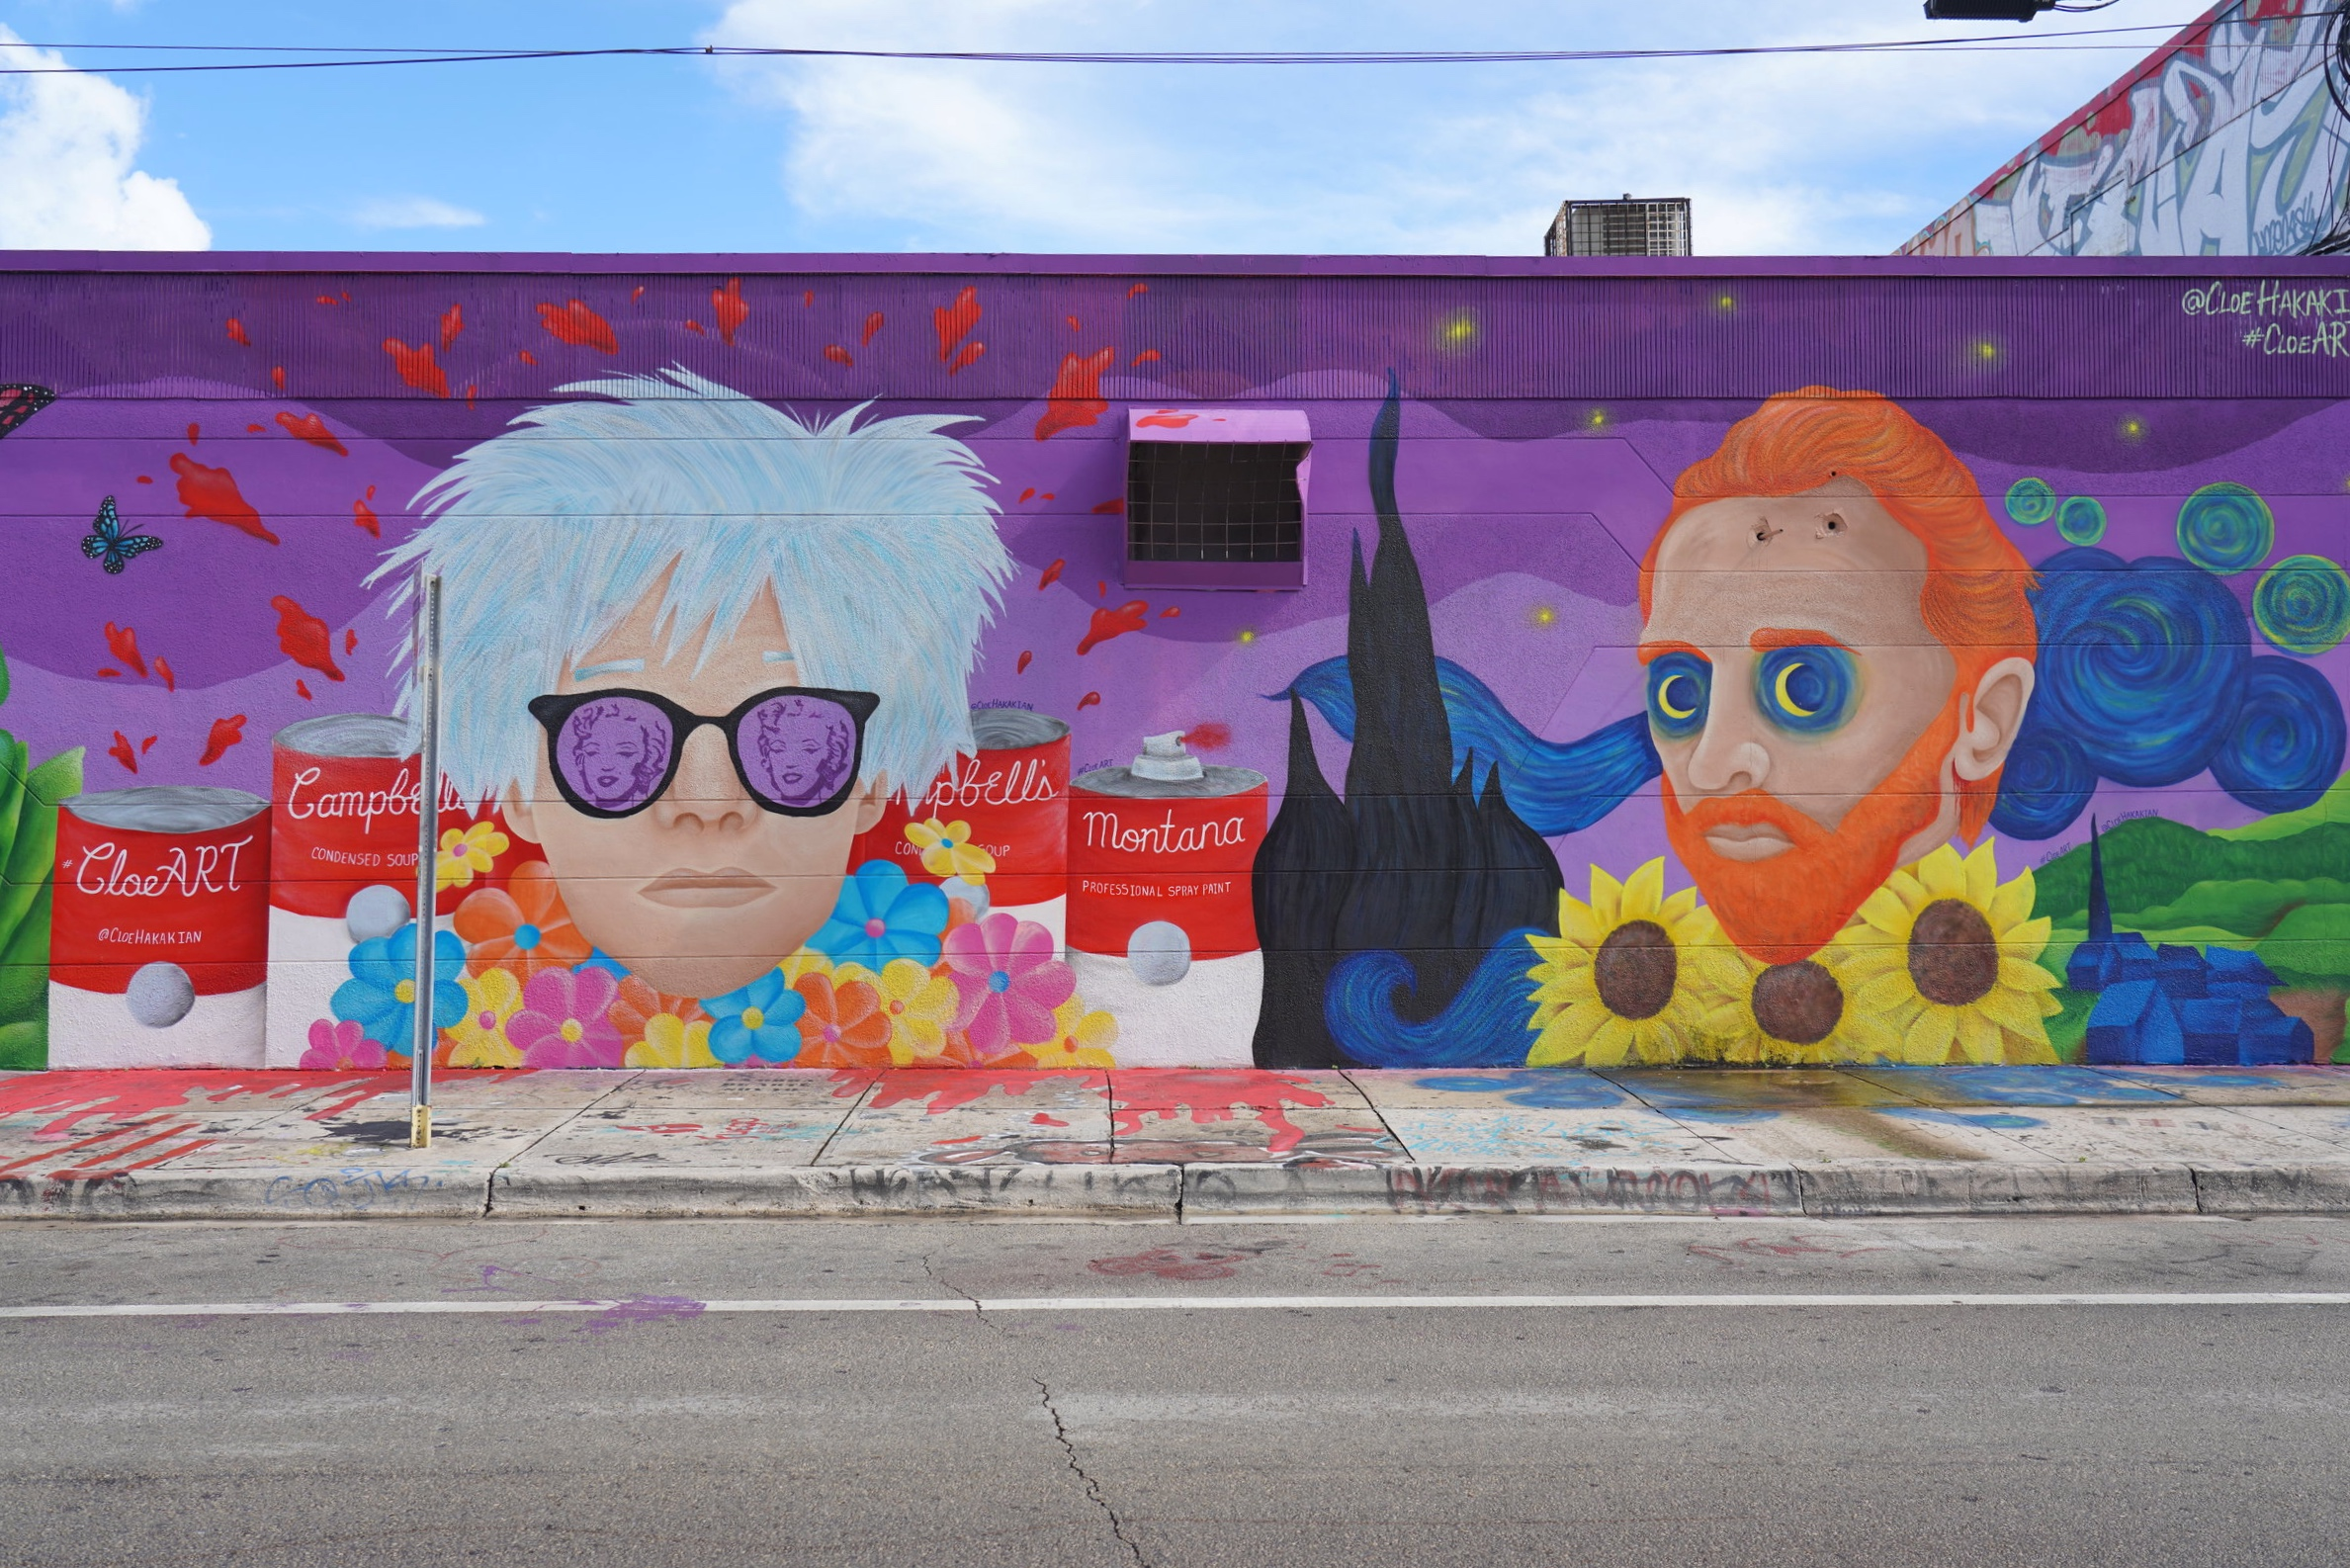 Manu Muniz, compartilha no Blog Manunomundo.com o que fazer na viagem para Wynwood, o Distrito de Arte em Miami na Flórida, Estados Unidos.